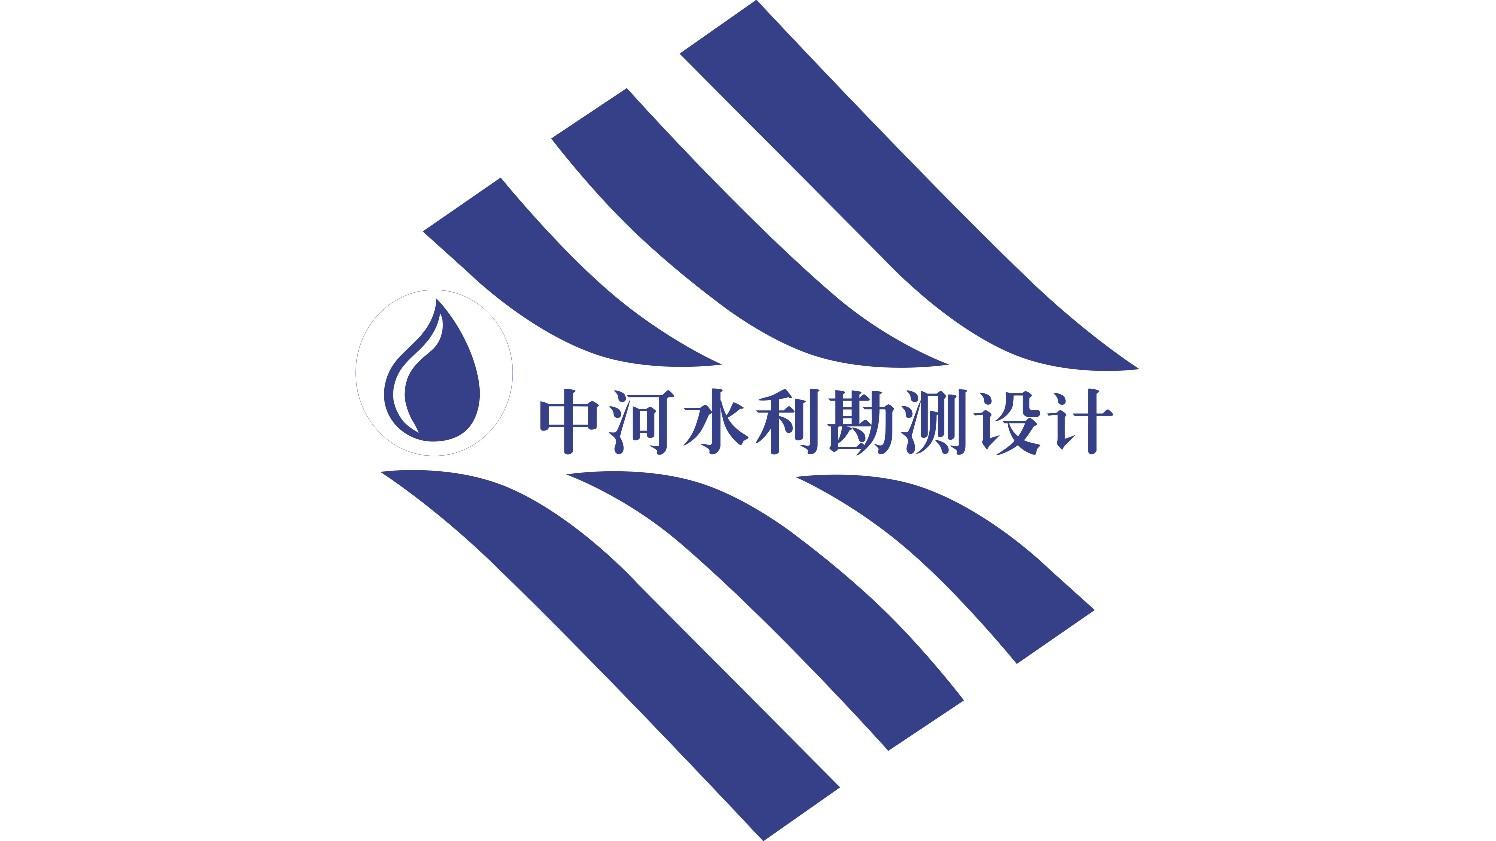 浙江四維水利設計有限公司瑞安分公司最新招聘信息